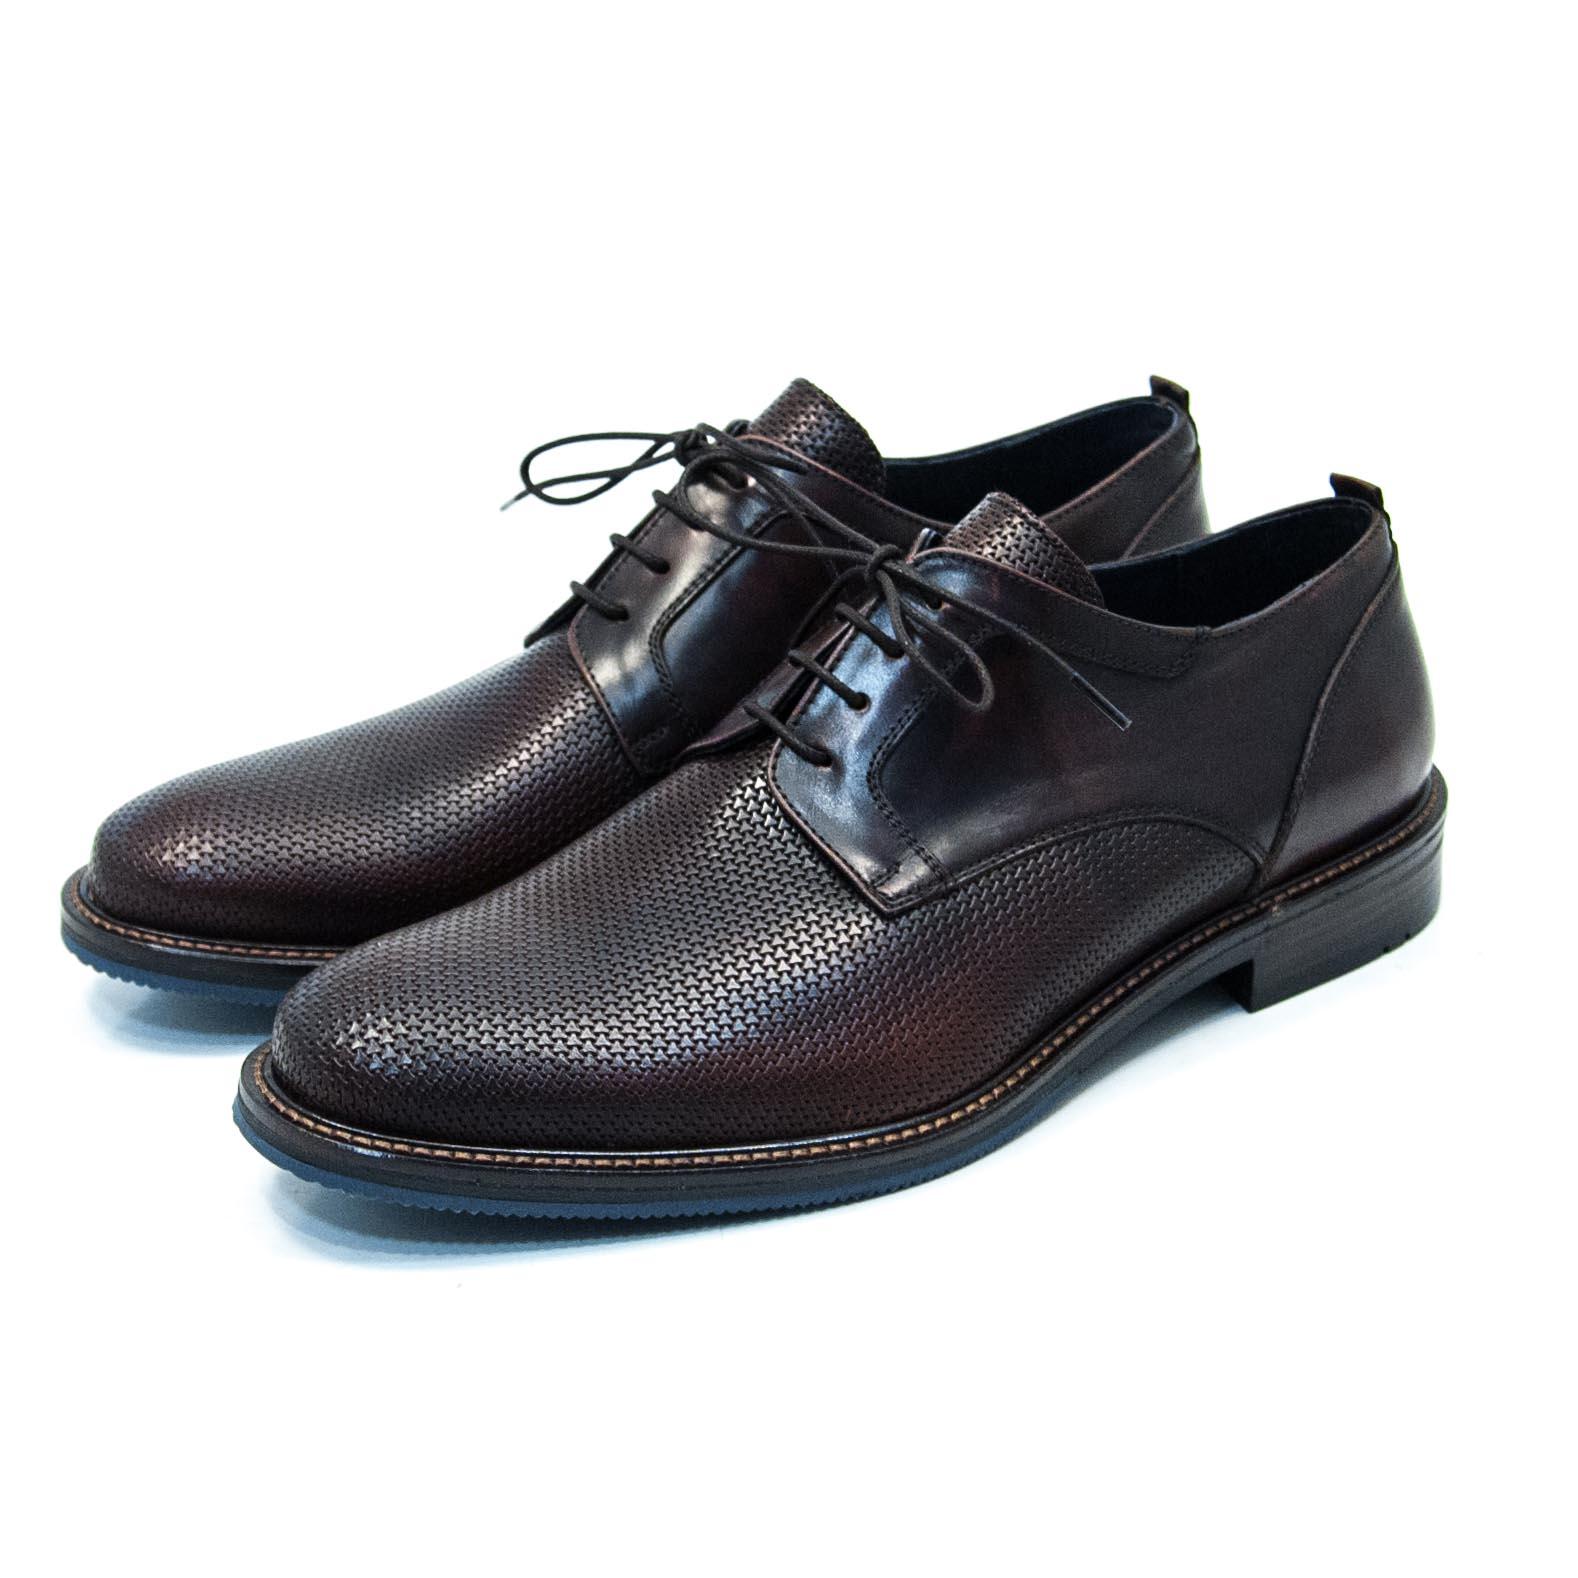 Αντρικό παπούτσι PRIMA 251132